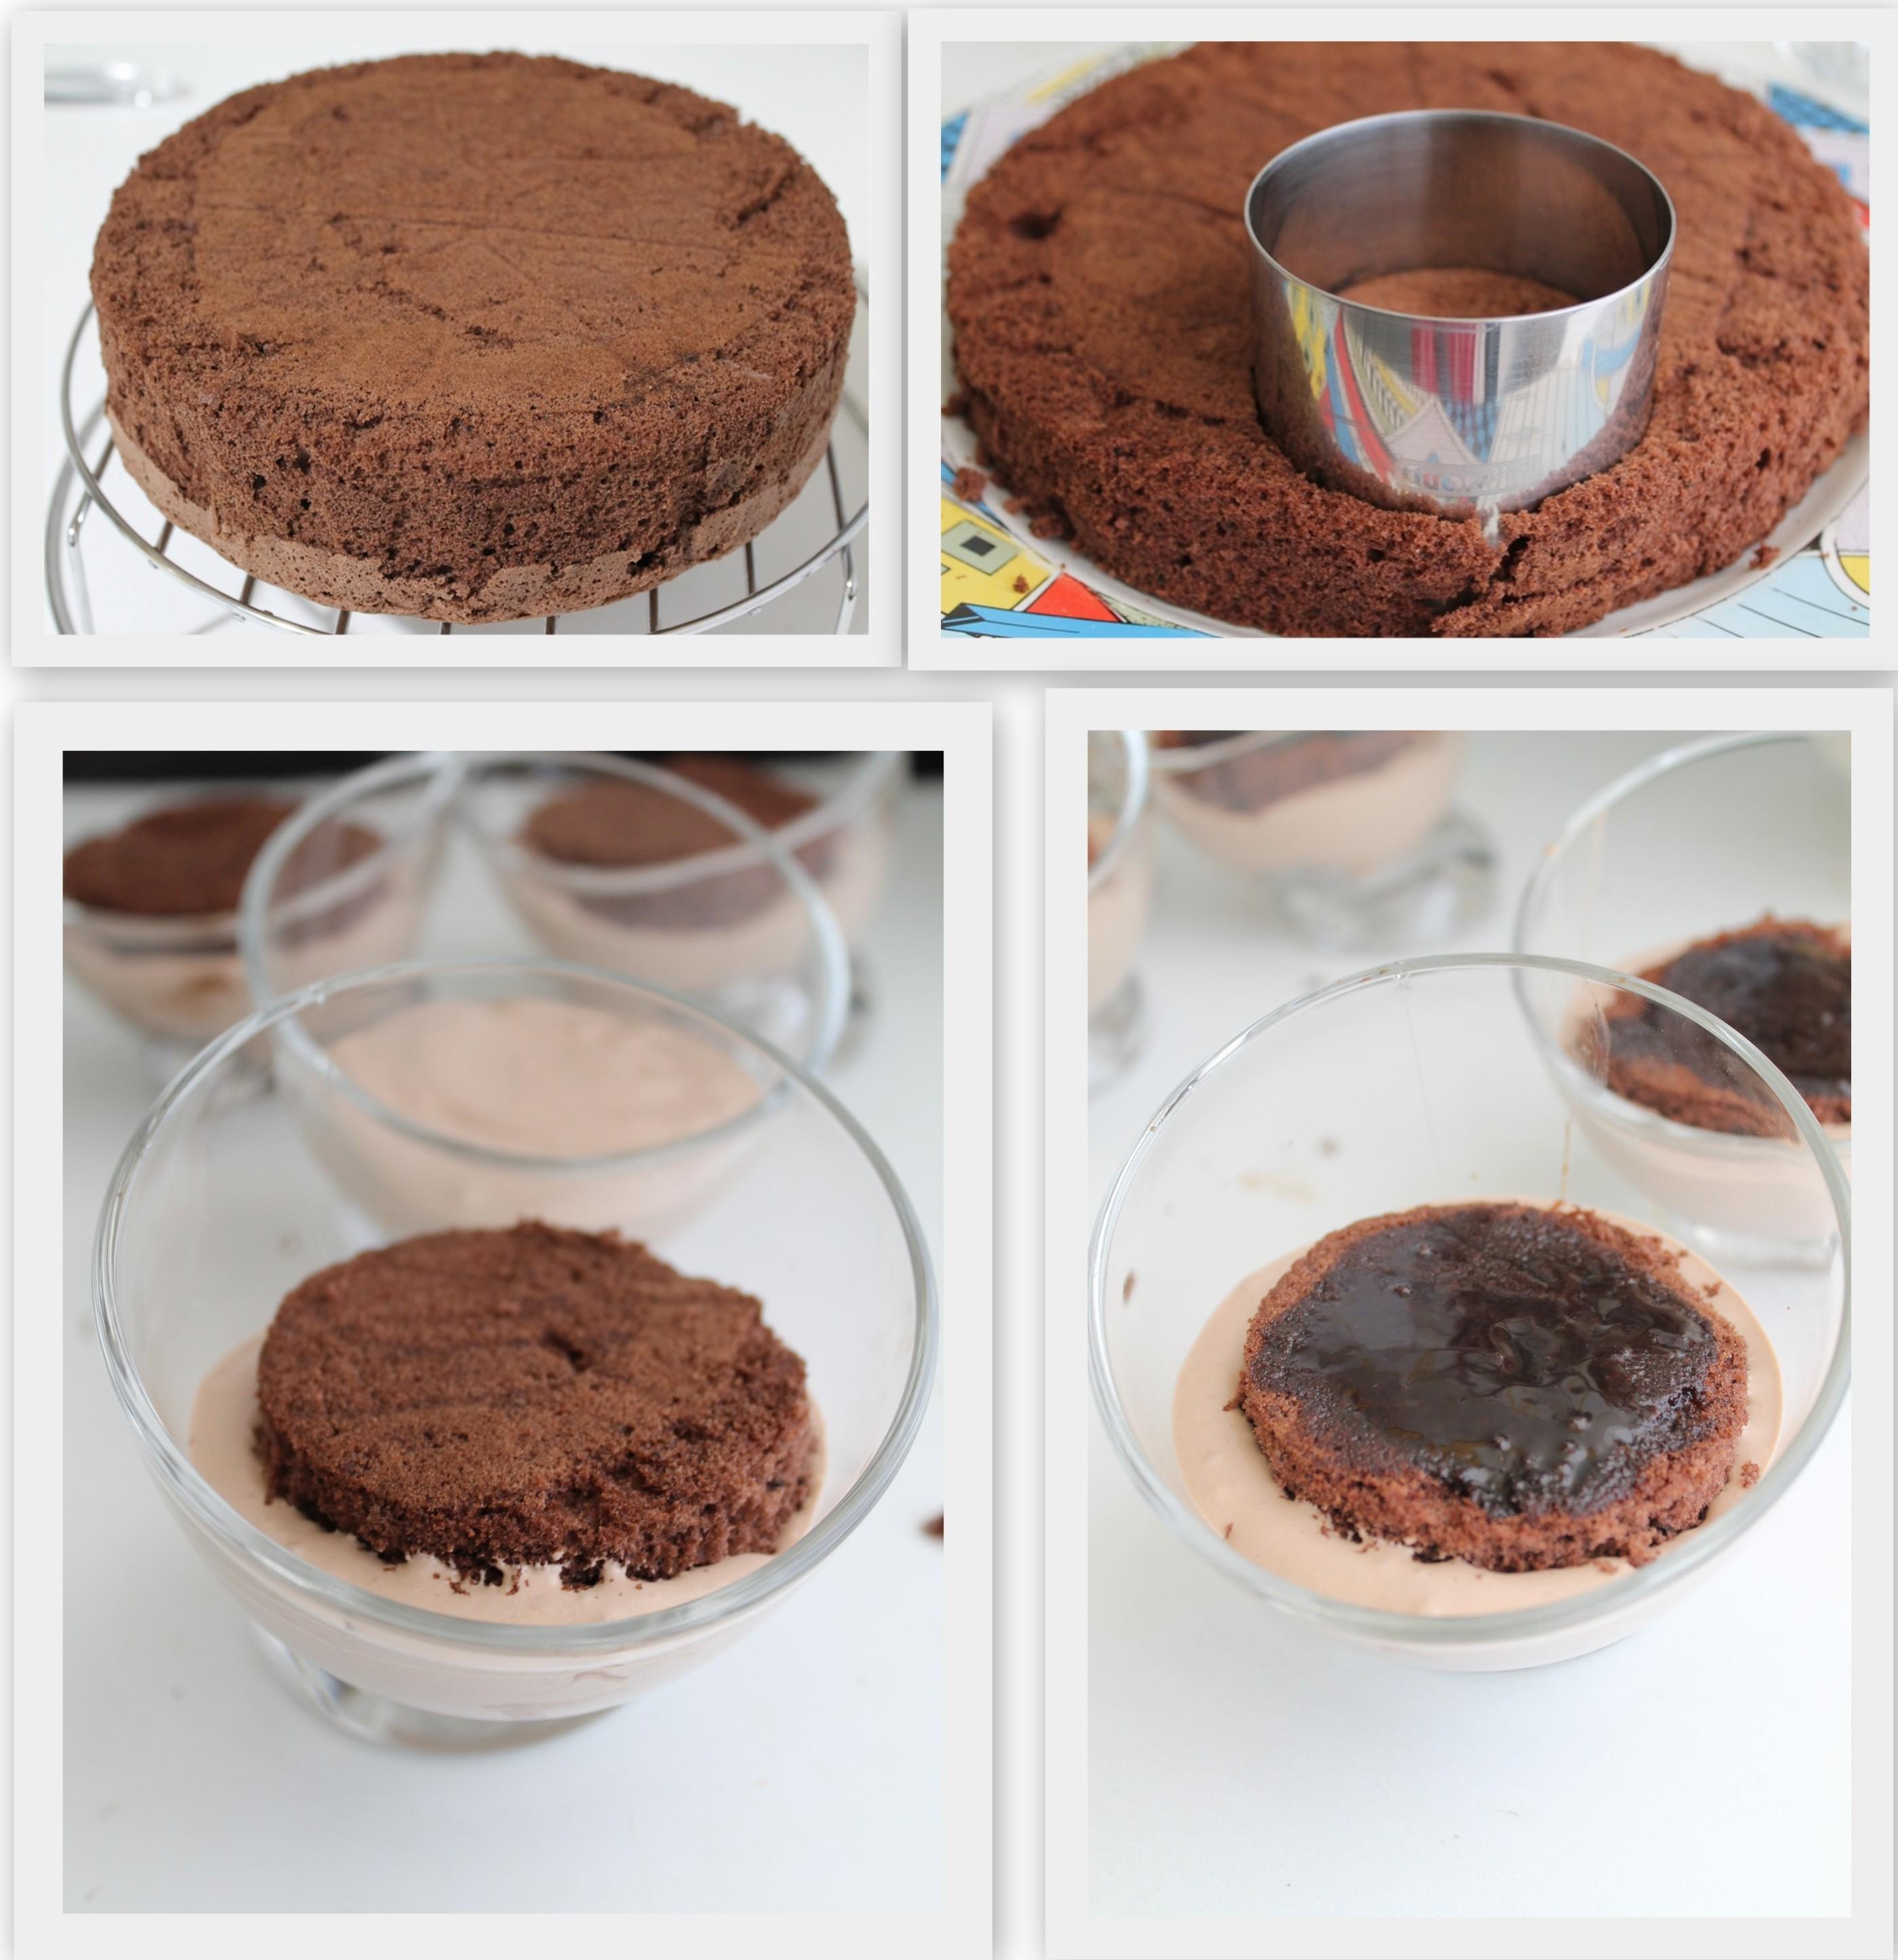 Verrines avec mousse au chocolat sans gluten - La Cassata